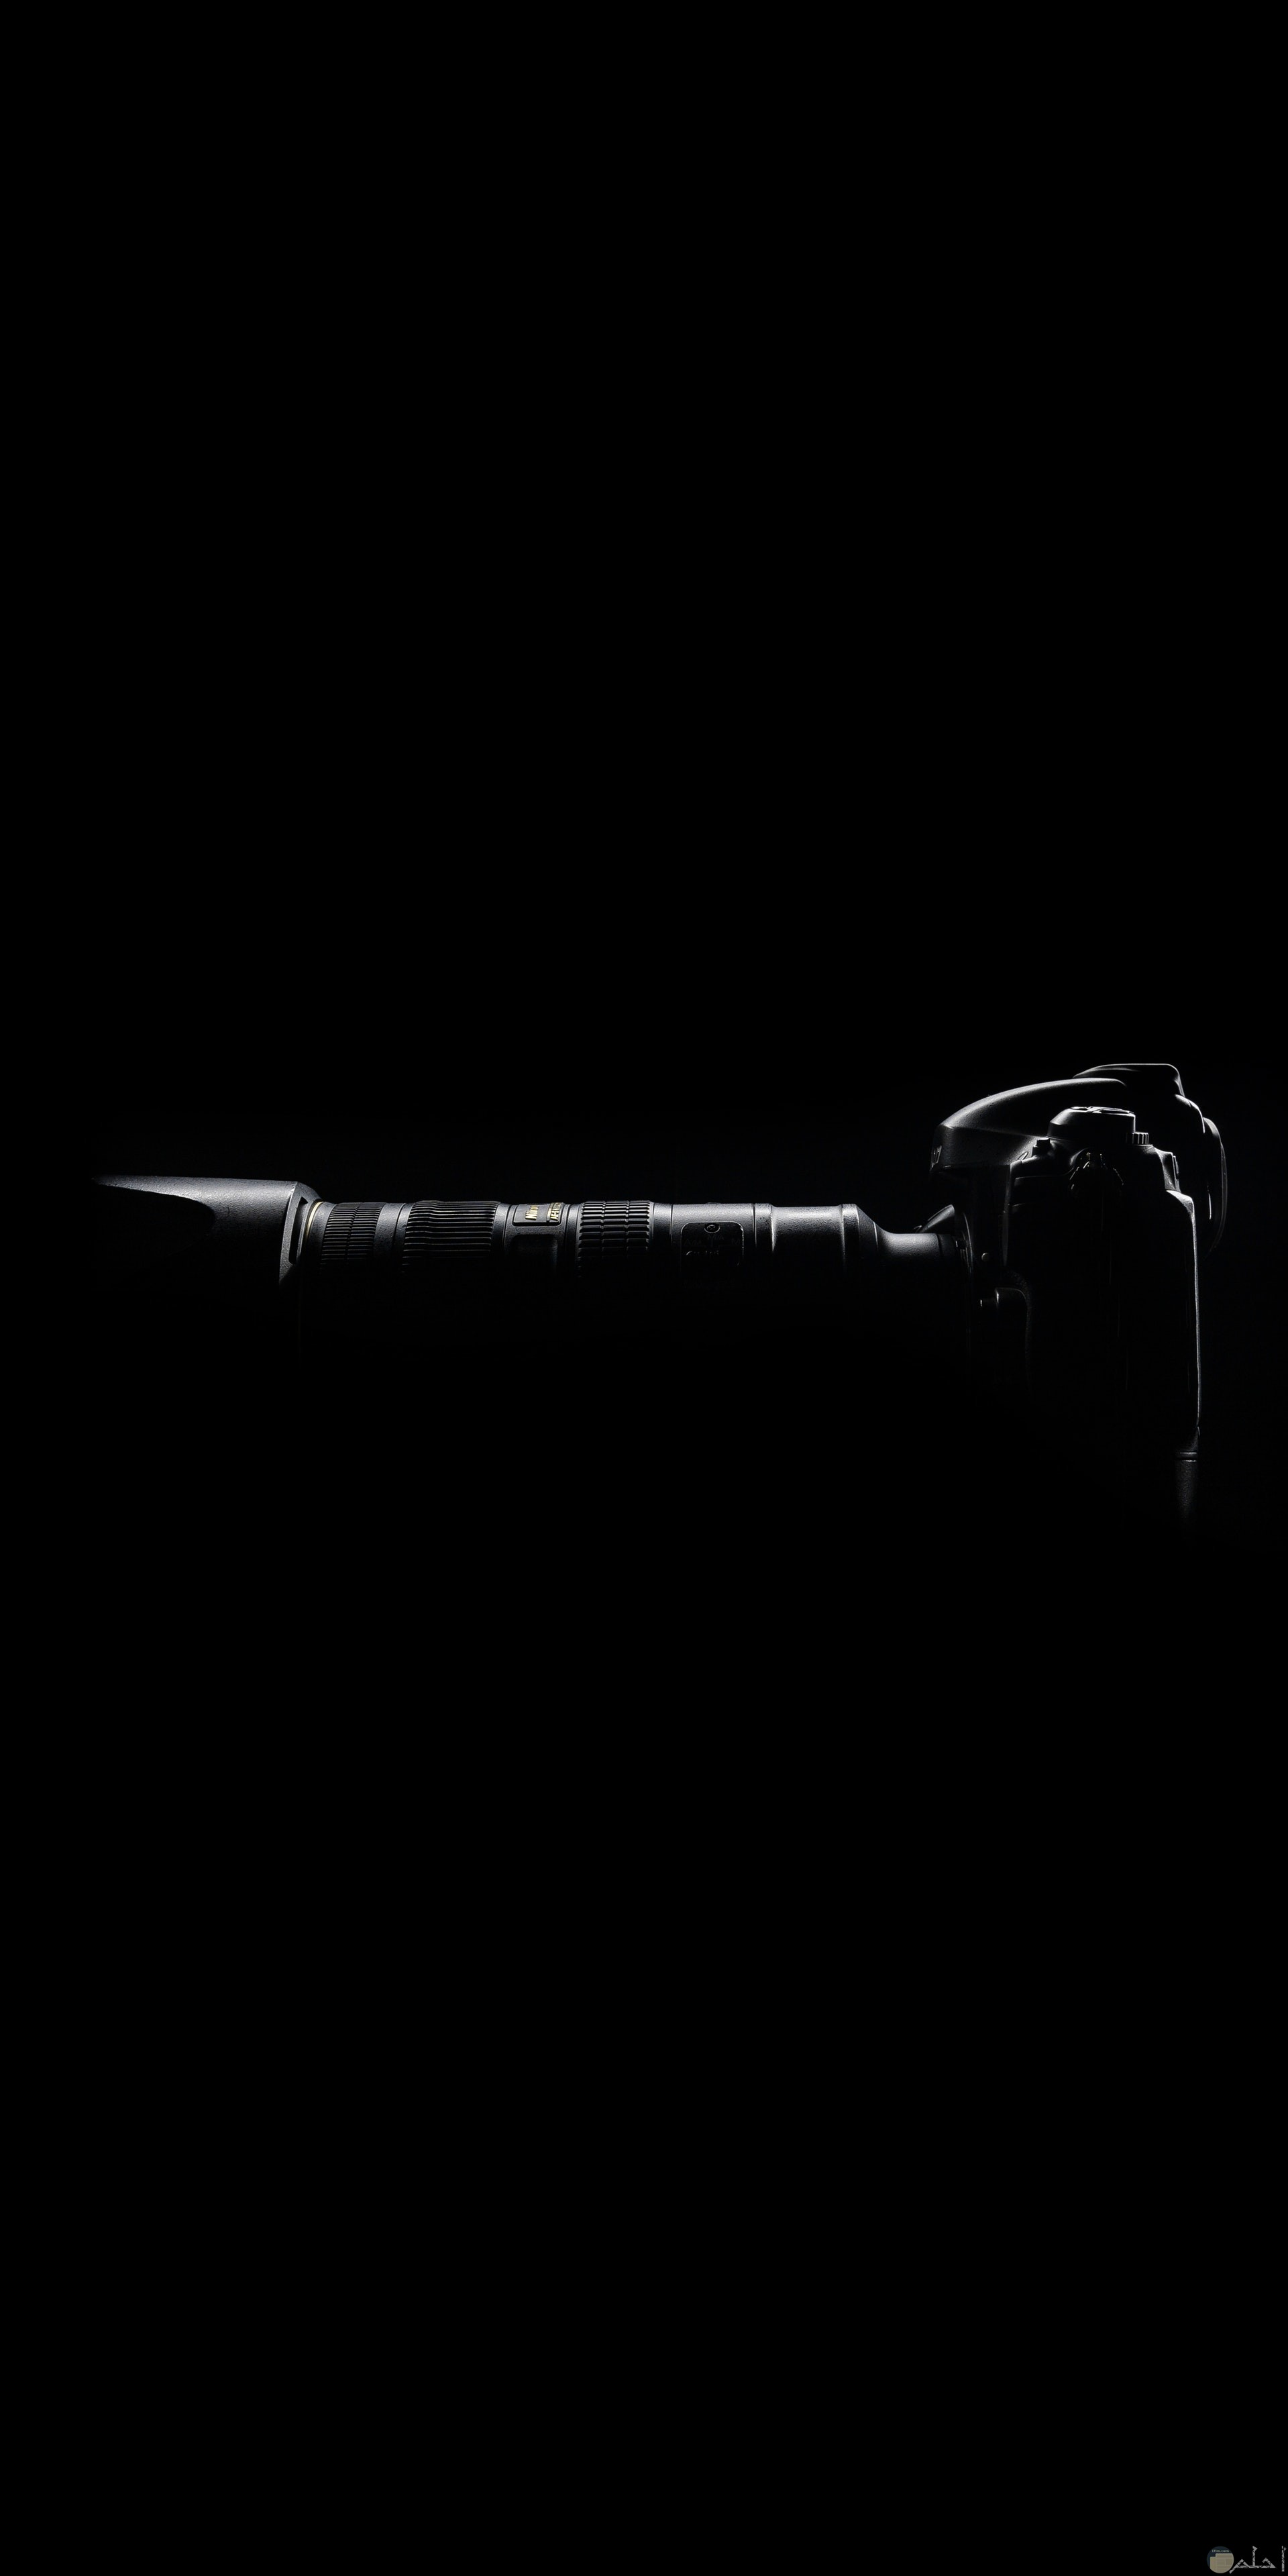 صورة مميزة بالأبيض والأسود لكاميرا تصوير إحترافية